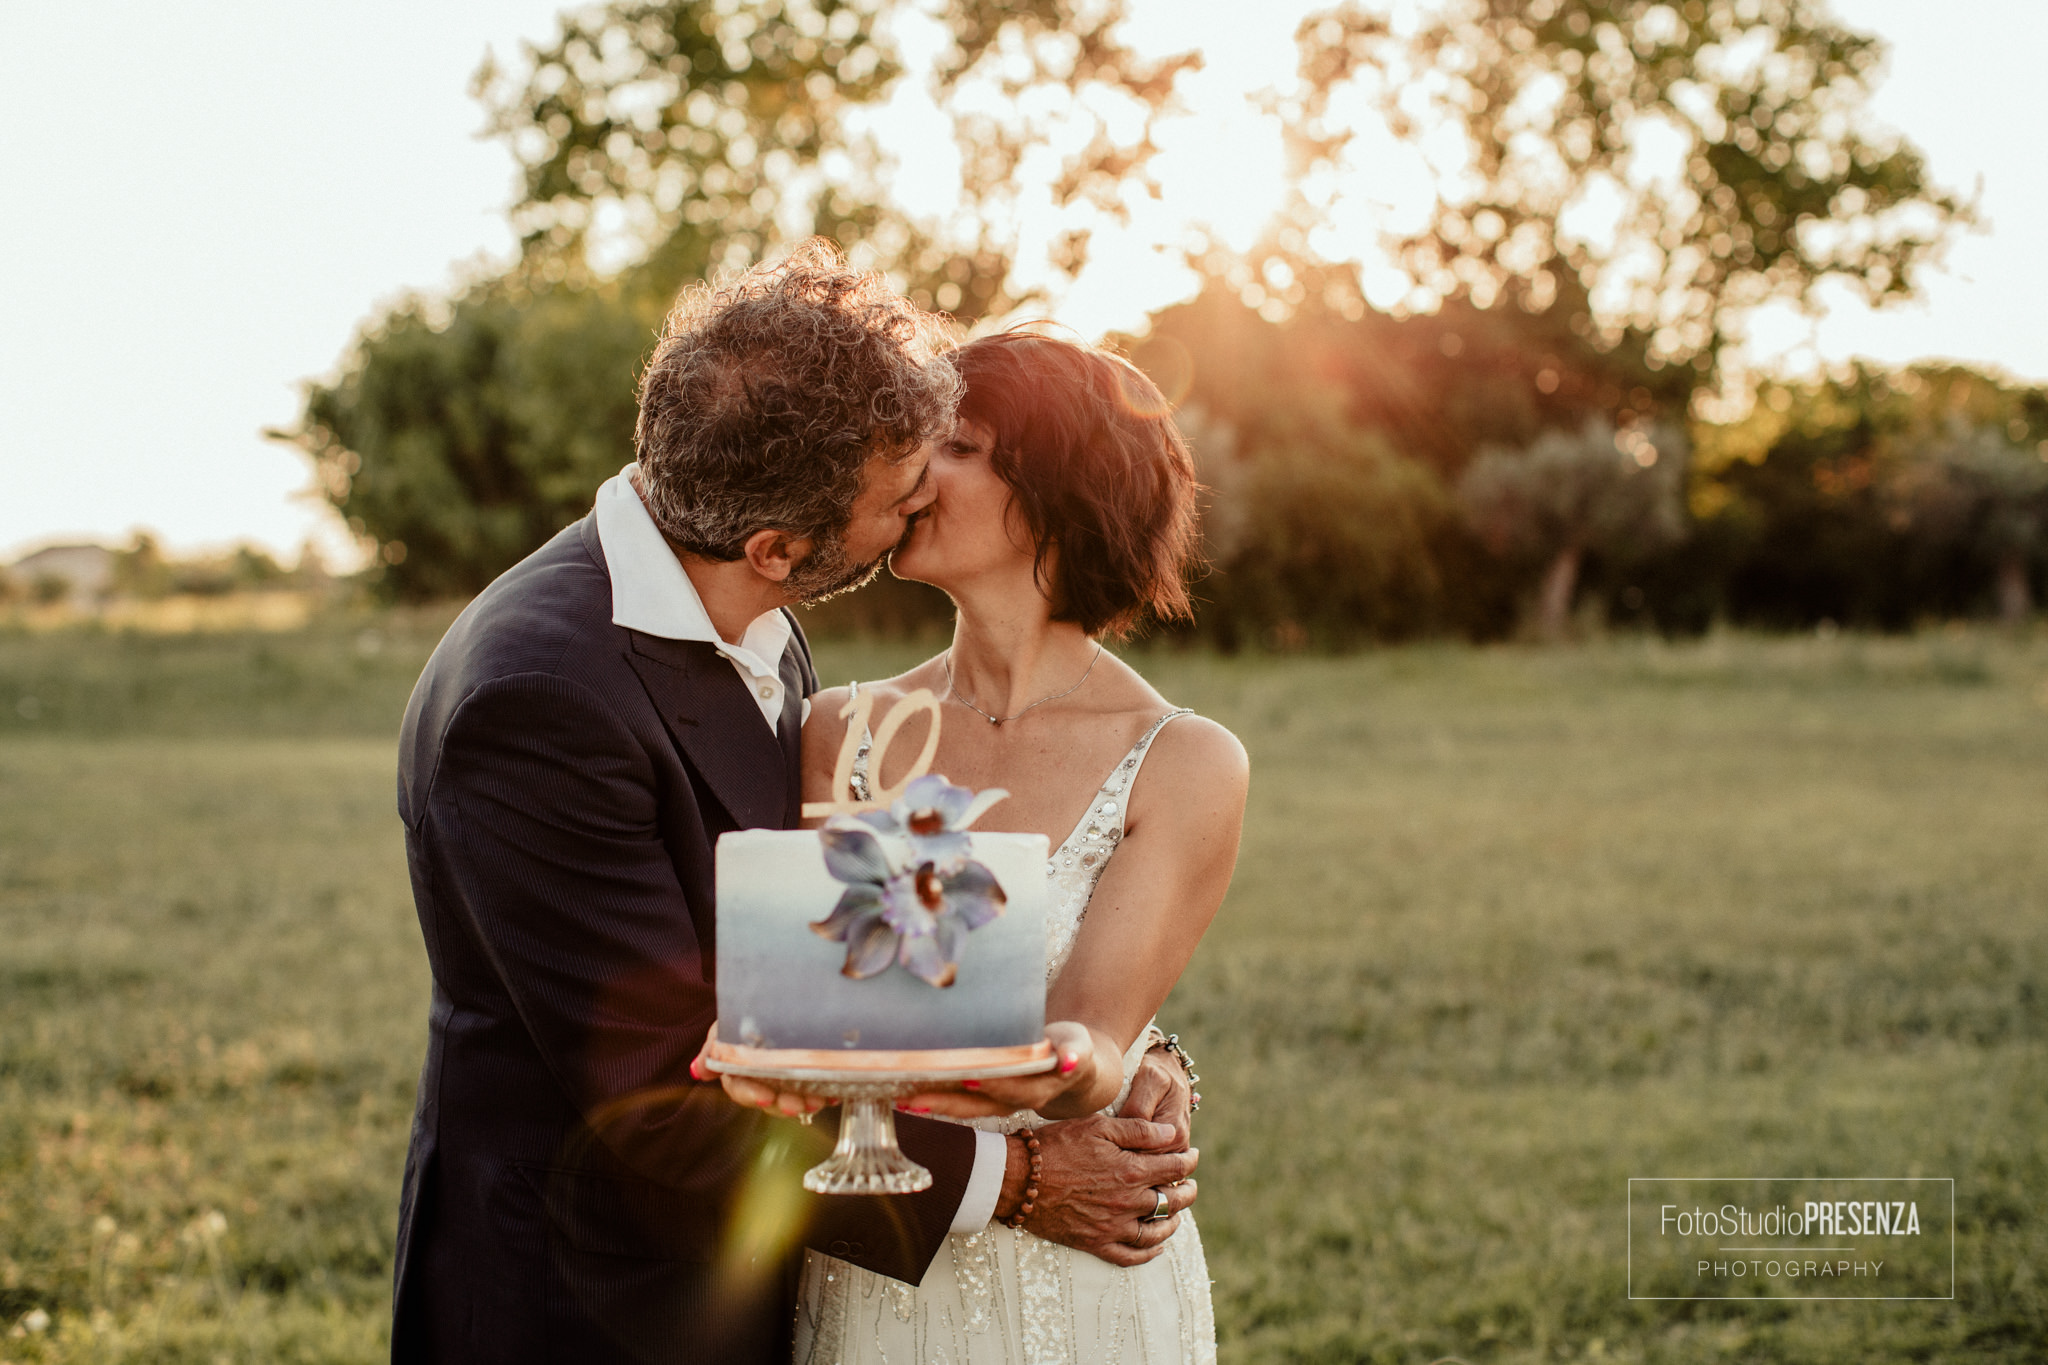 Idee Fotografiche Anniversario : Idee anniversario archivi g eventi wedding